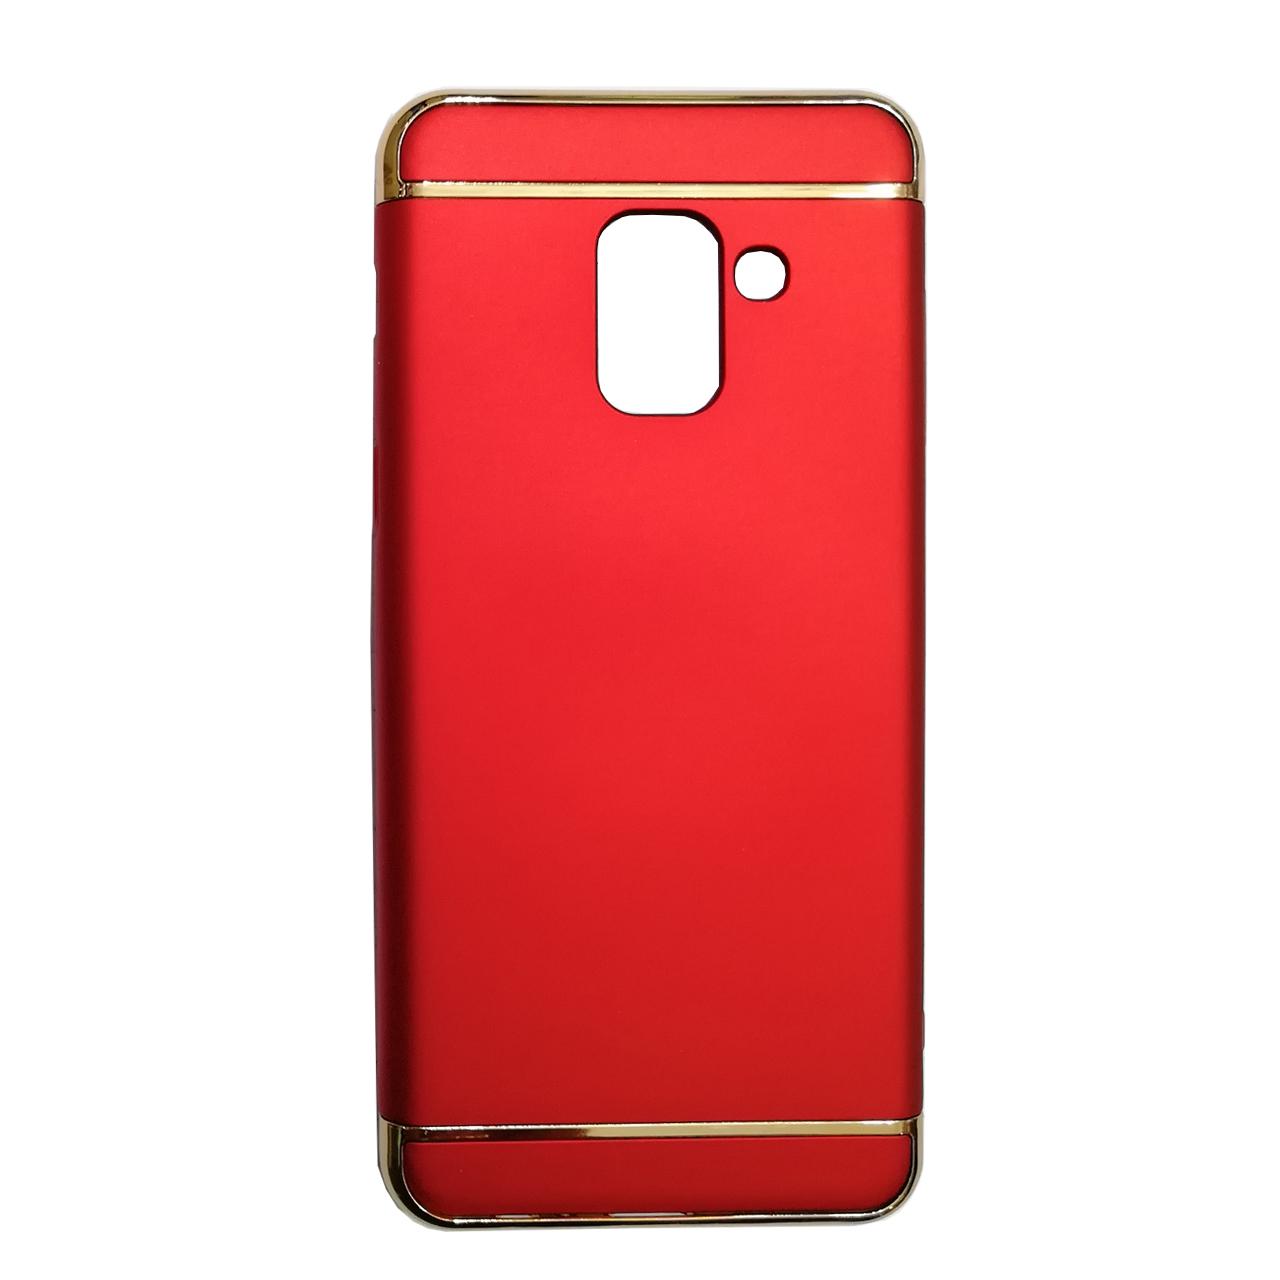 کاور مدل KA-020 مناسب برای گوشی موبایل سامسونگ Galaxy A8 2018/A530